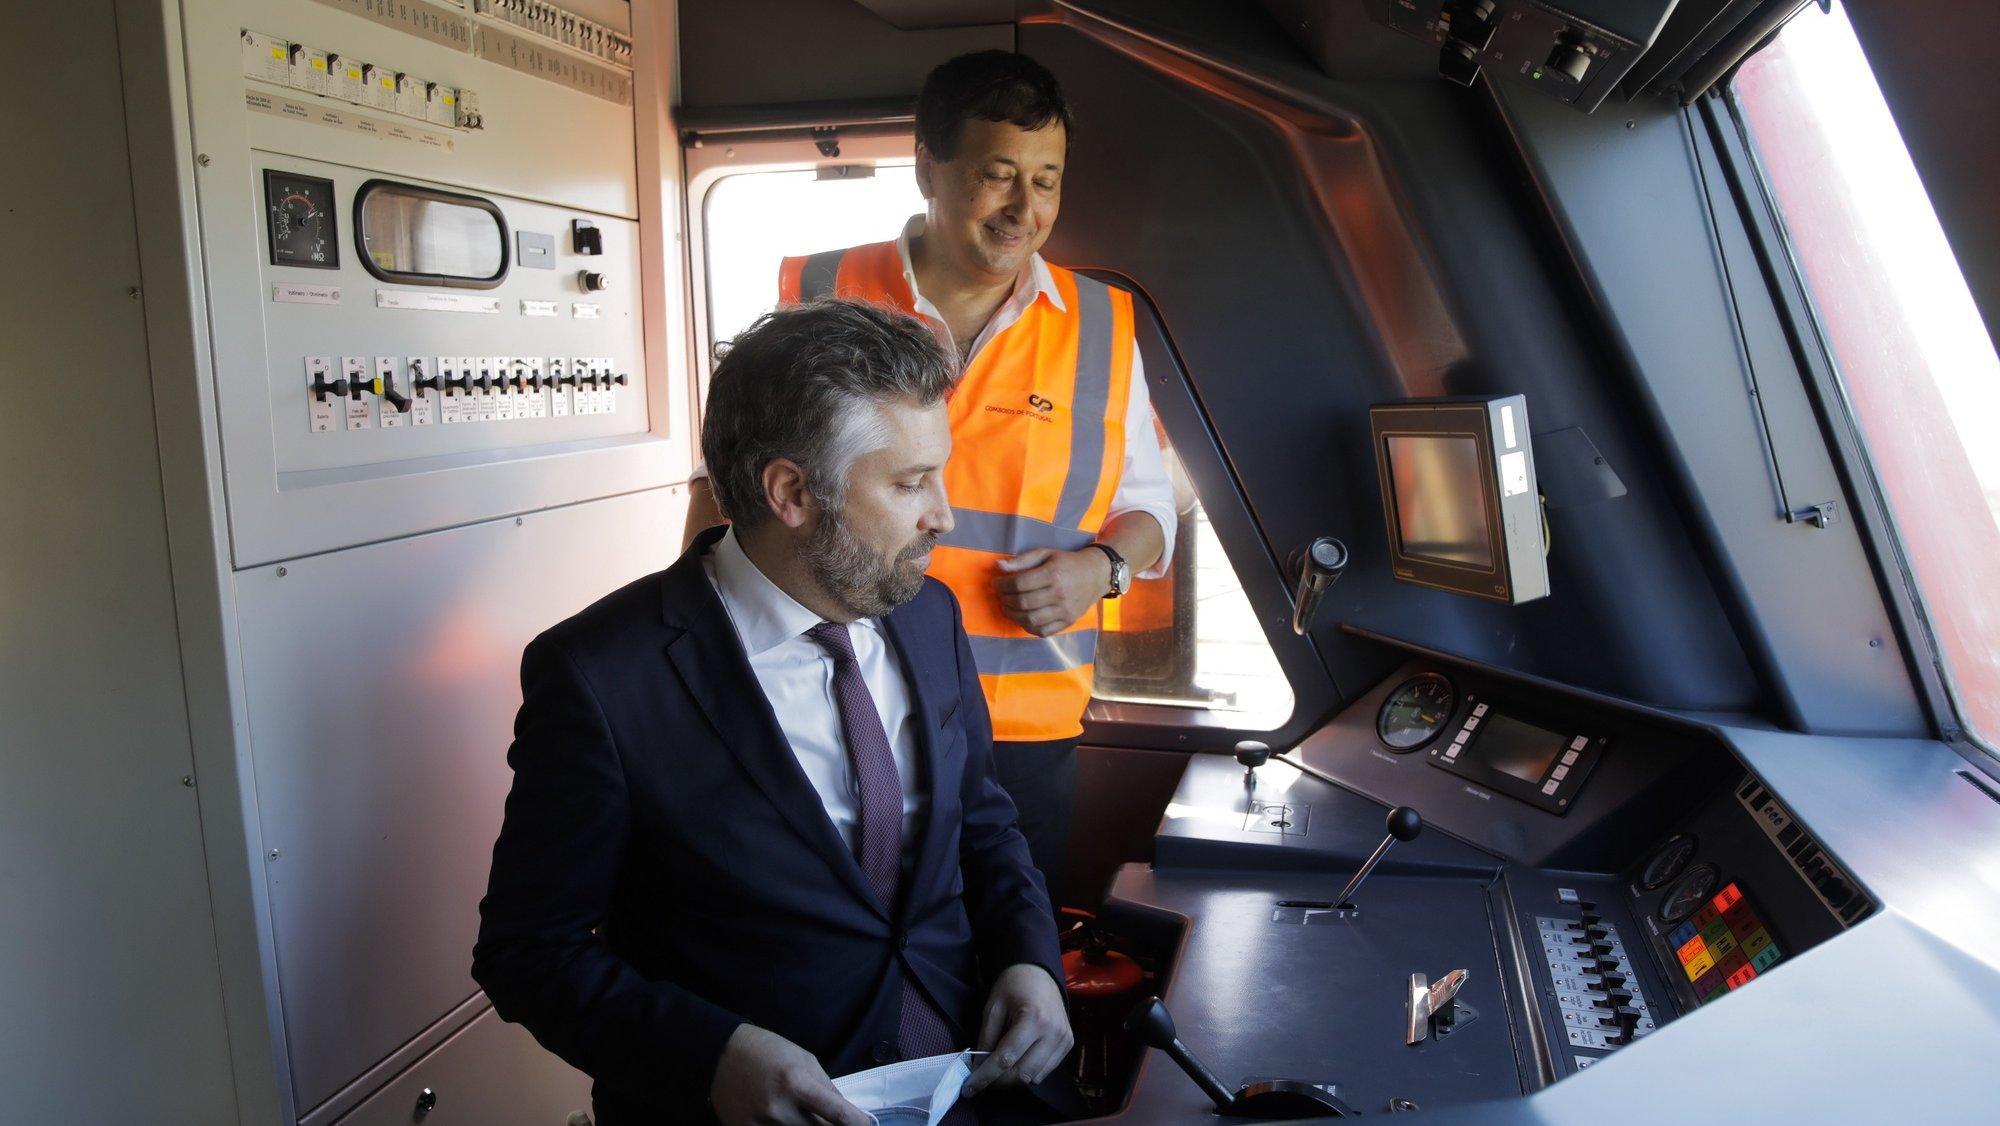 O ministro das Infraestruturas e da Habitação, Pedro Nuno Santos (E), acompanhado por Nuno Freitas (D), presidente da CP, visita as oficinas da Comboios de Portugal (CP) do Entroncamento, onde embarcou na nova automotora UQE2300 recuperada para a linha de Sintra, fazendo a viagem até Campolide, Entroncamento, 22 de julho 2020. PAULO CUNHA/LUSA